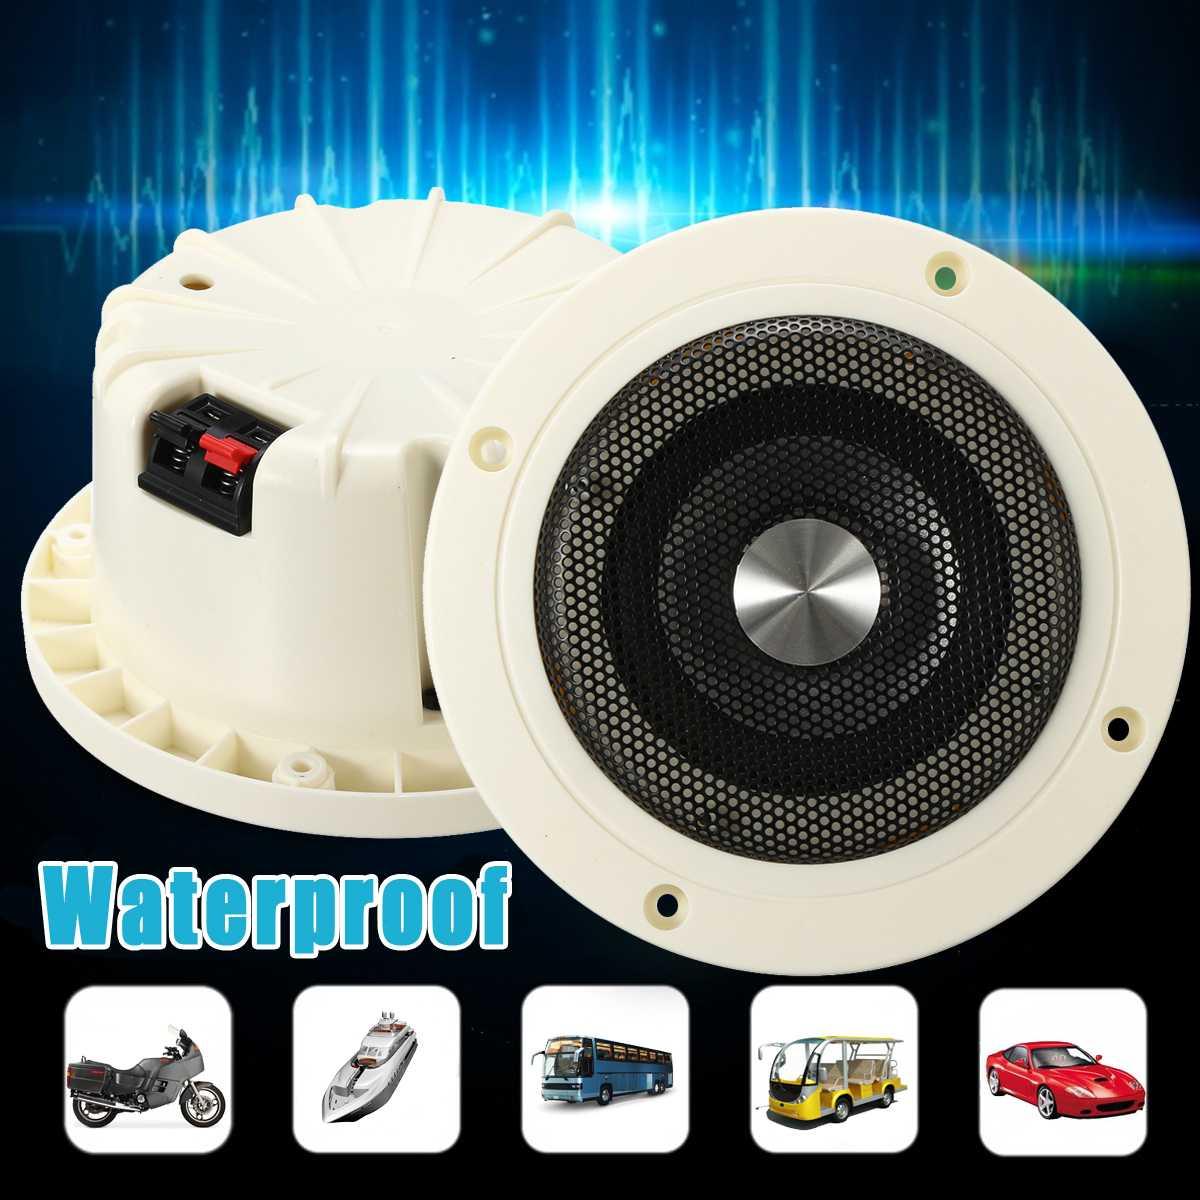 2pcs 30W Waterproof Ceiling Speakers Waterproof Marine Stereo Audio Speakers For Boat ATV Indoor Outdoor music player